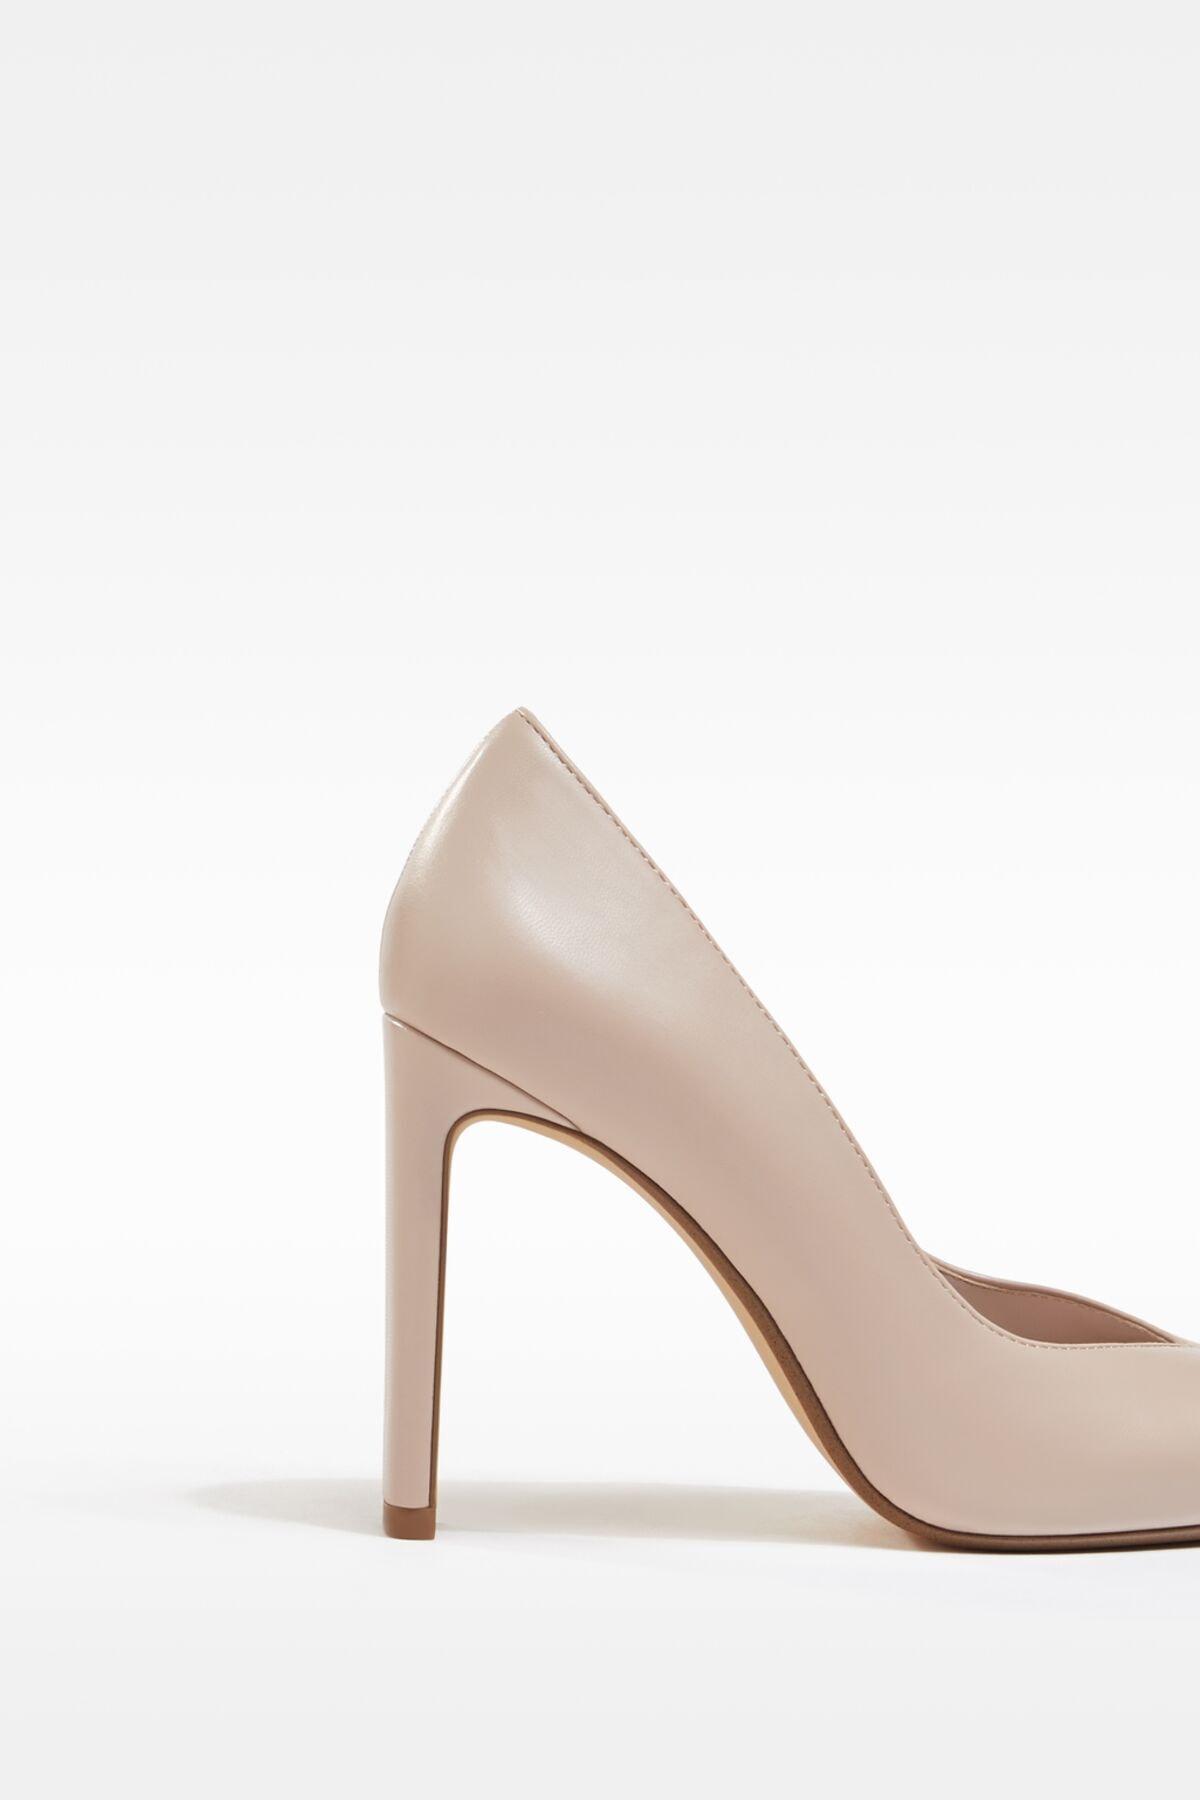 Bershka Kadın Bej V Kesim Topuklu Ayakkabı 11308760 3